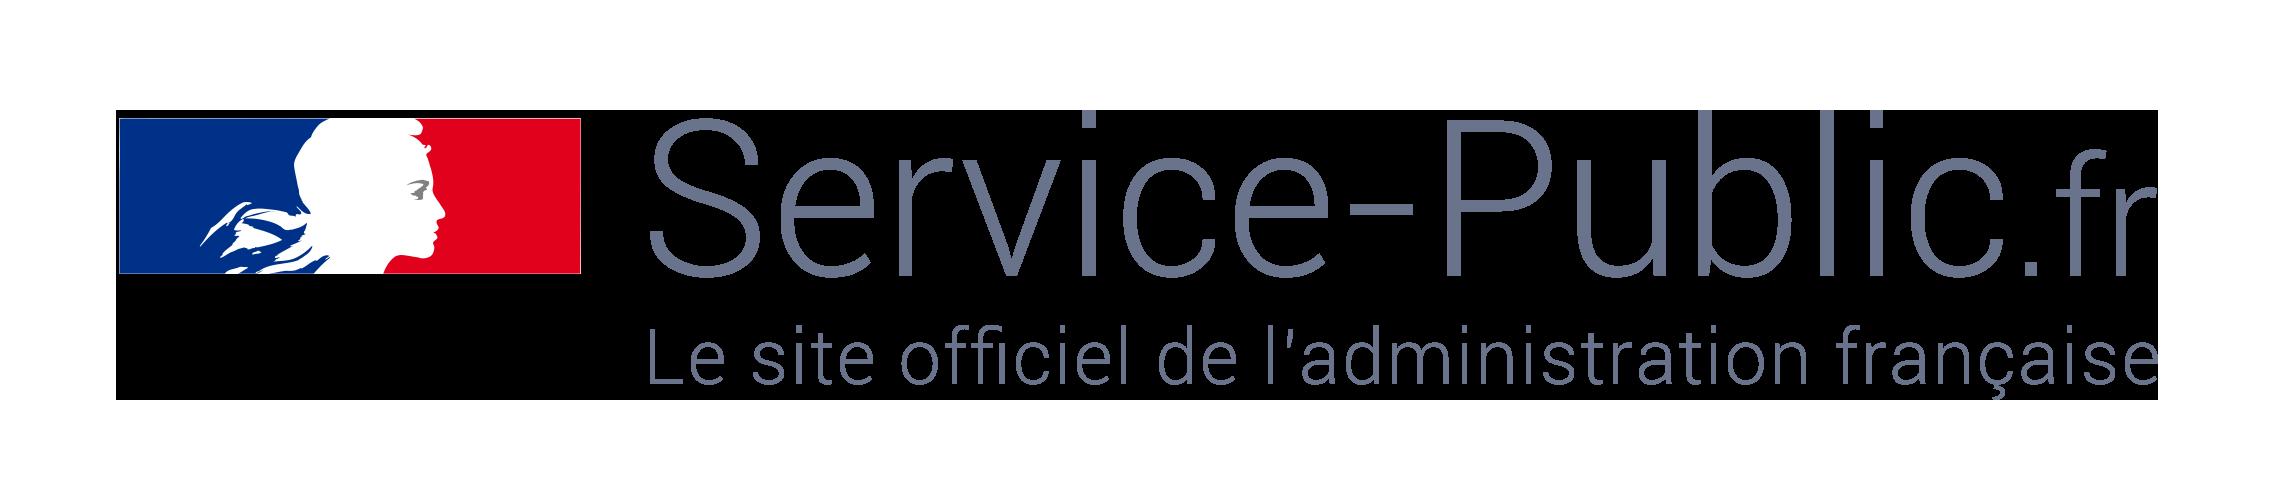 service public fr carte d identité Guide des démarches administratives   Mairie du 7e